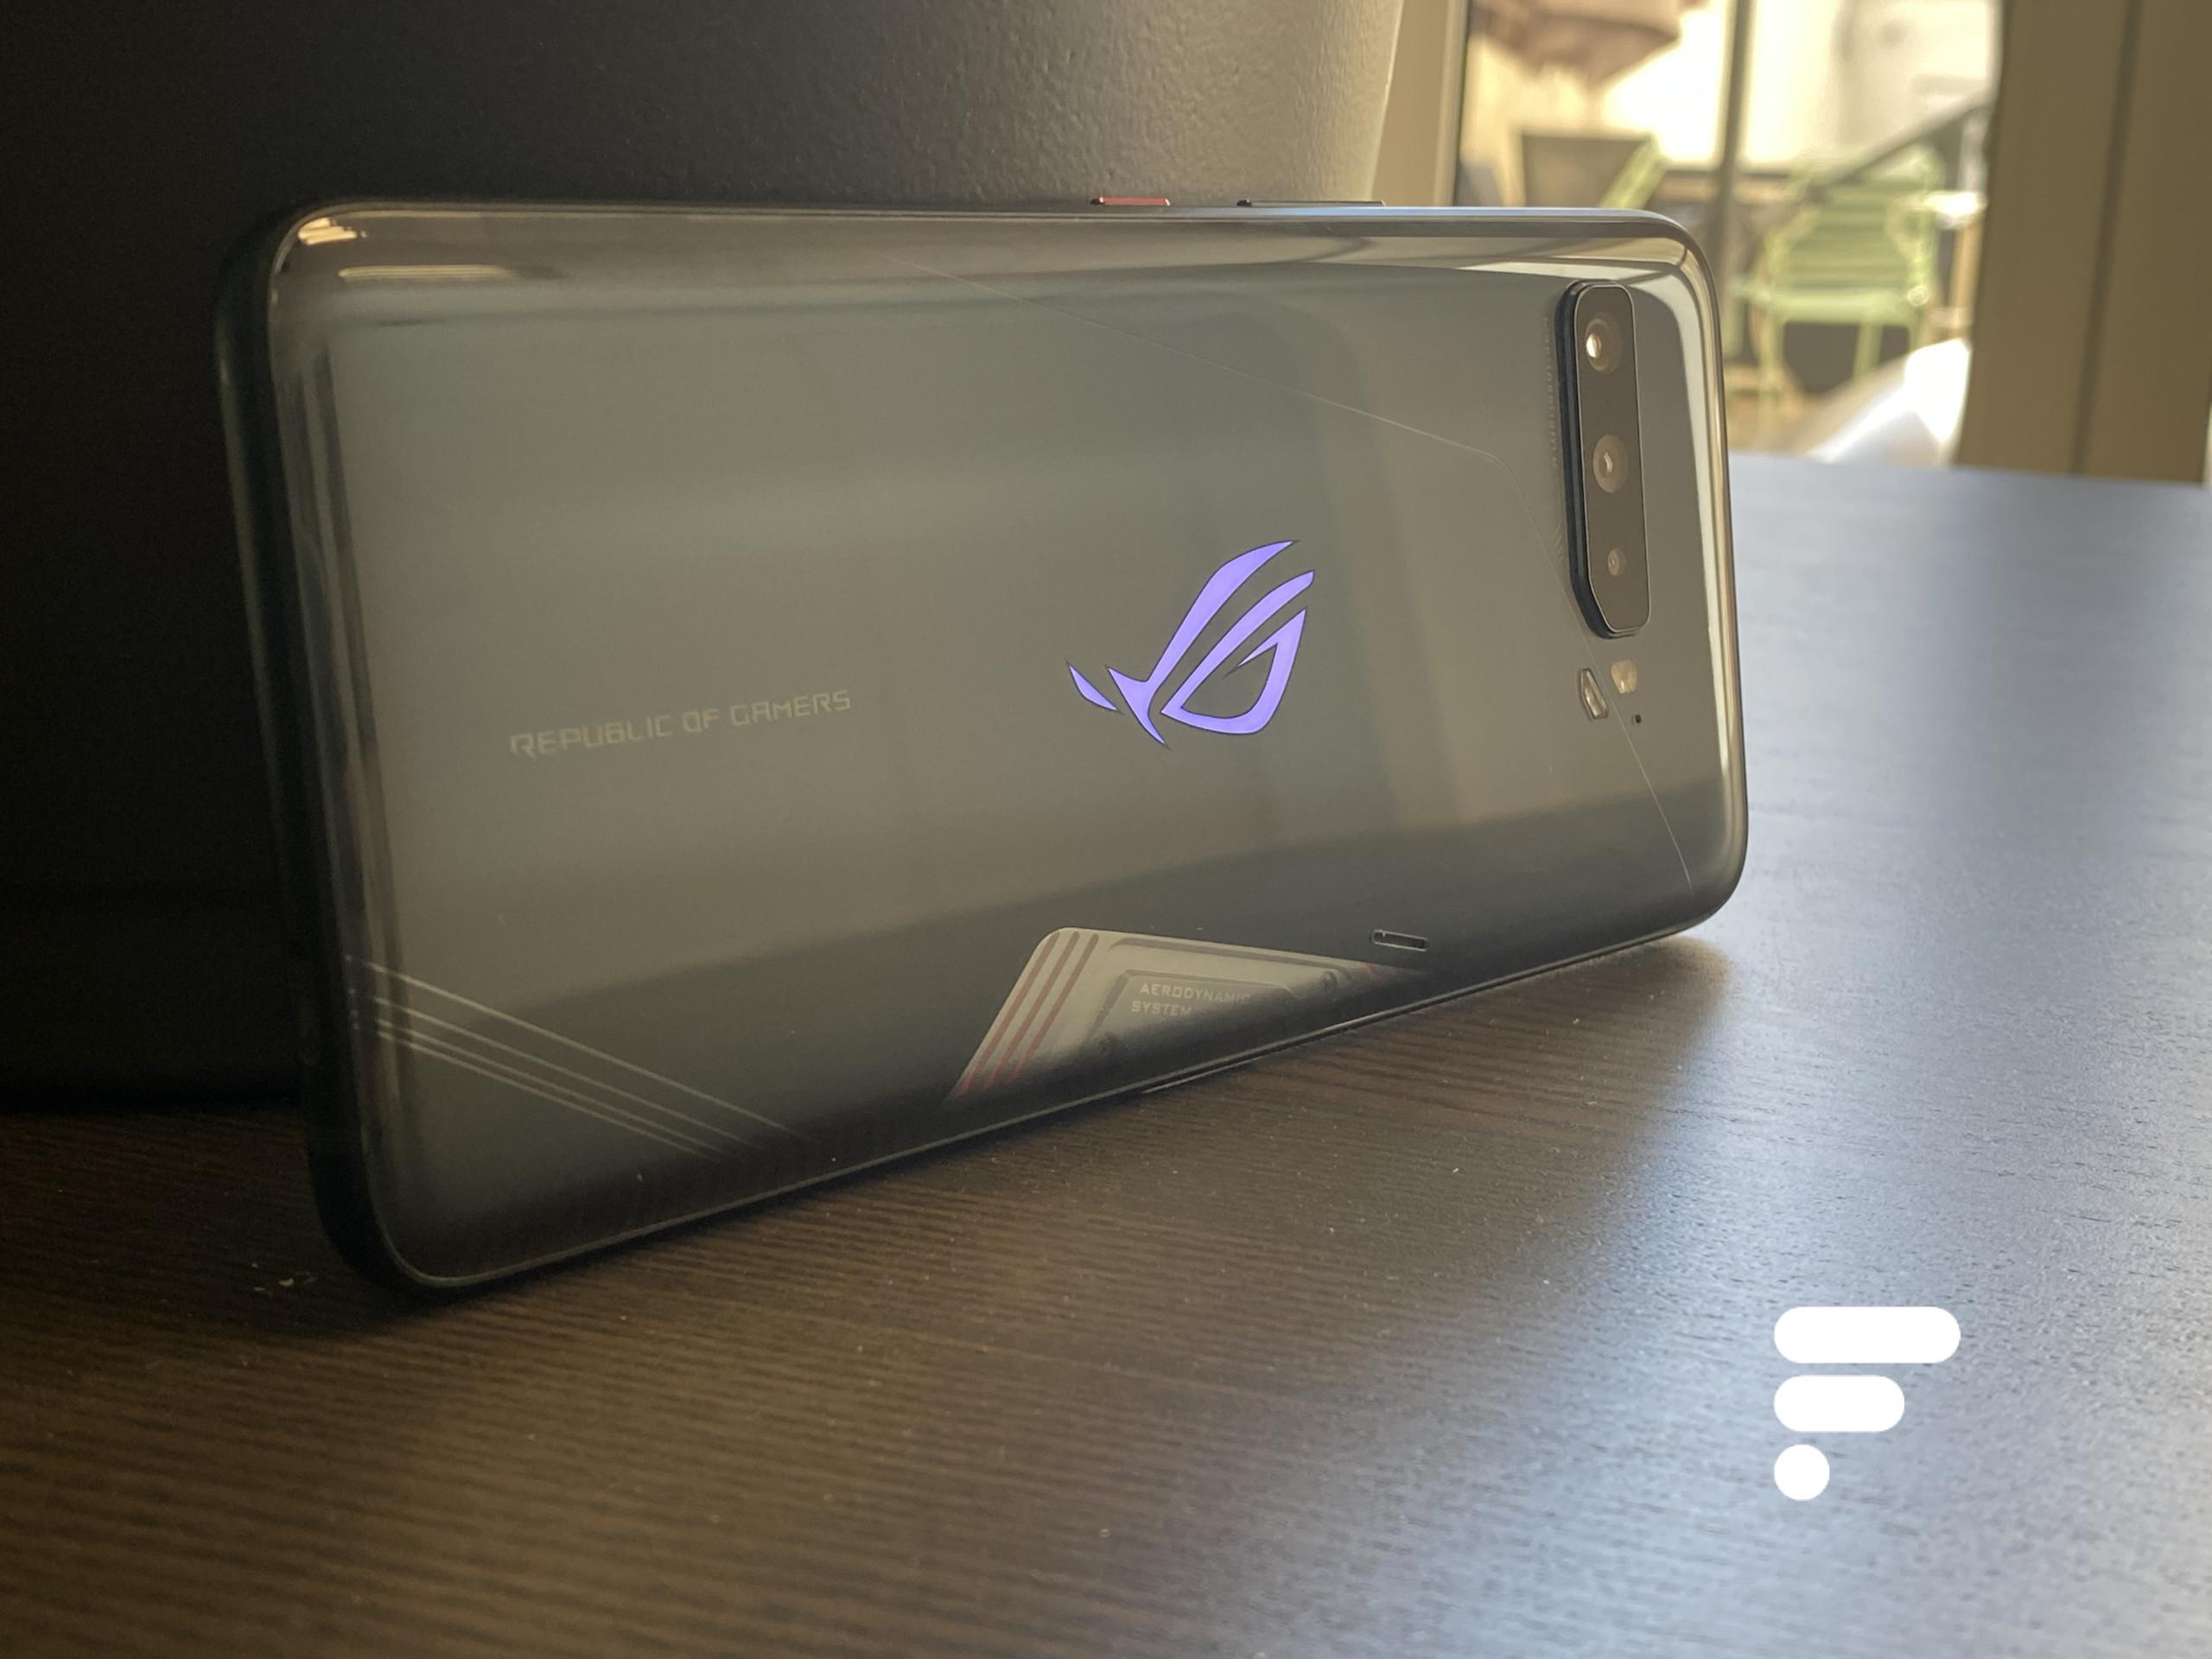 C'est à la place de ce logo lumineux que le ROG Phone 5 affiche un petit écran de quelques centimètres – Ici le ROG Phone 3